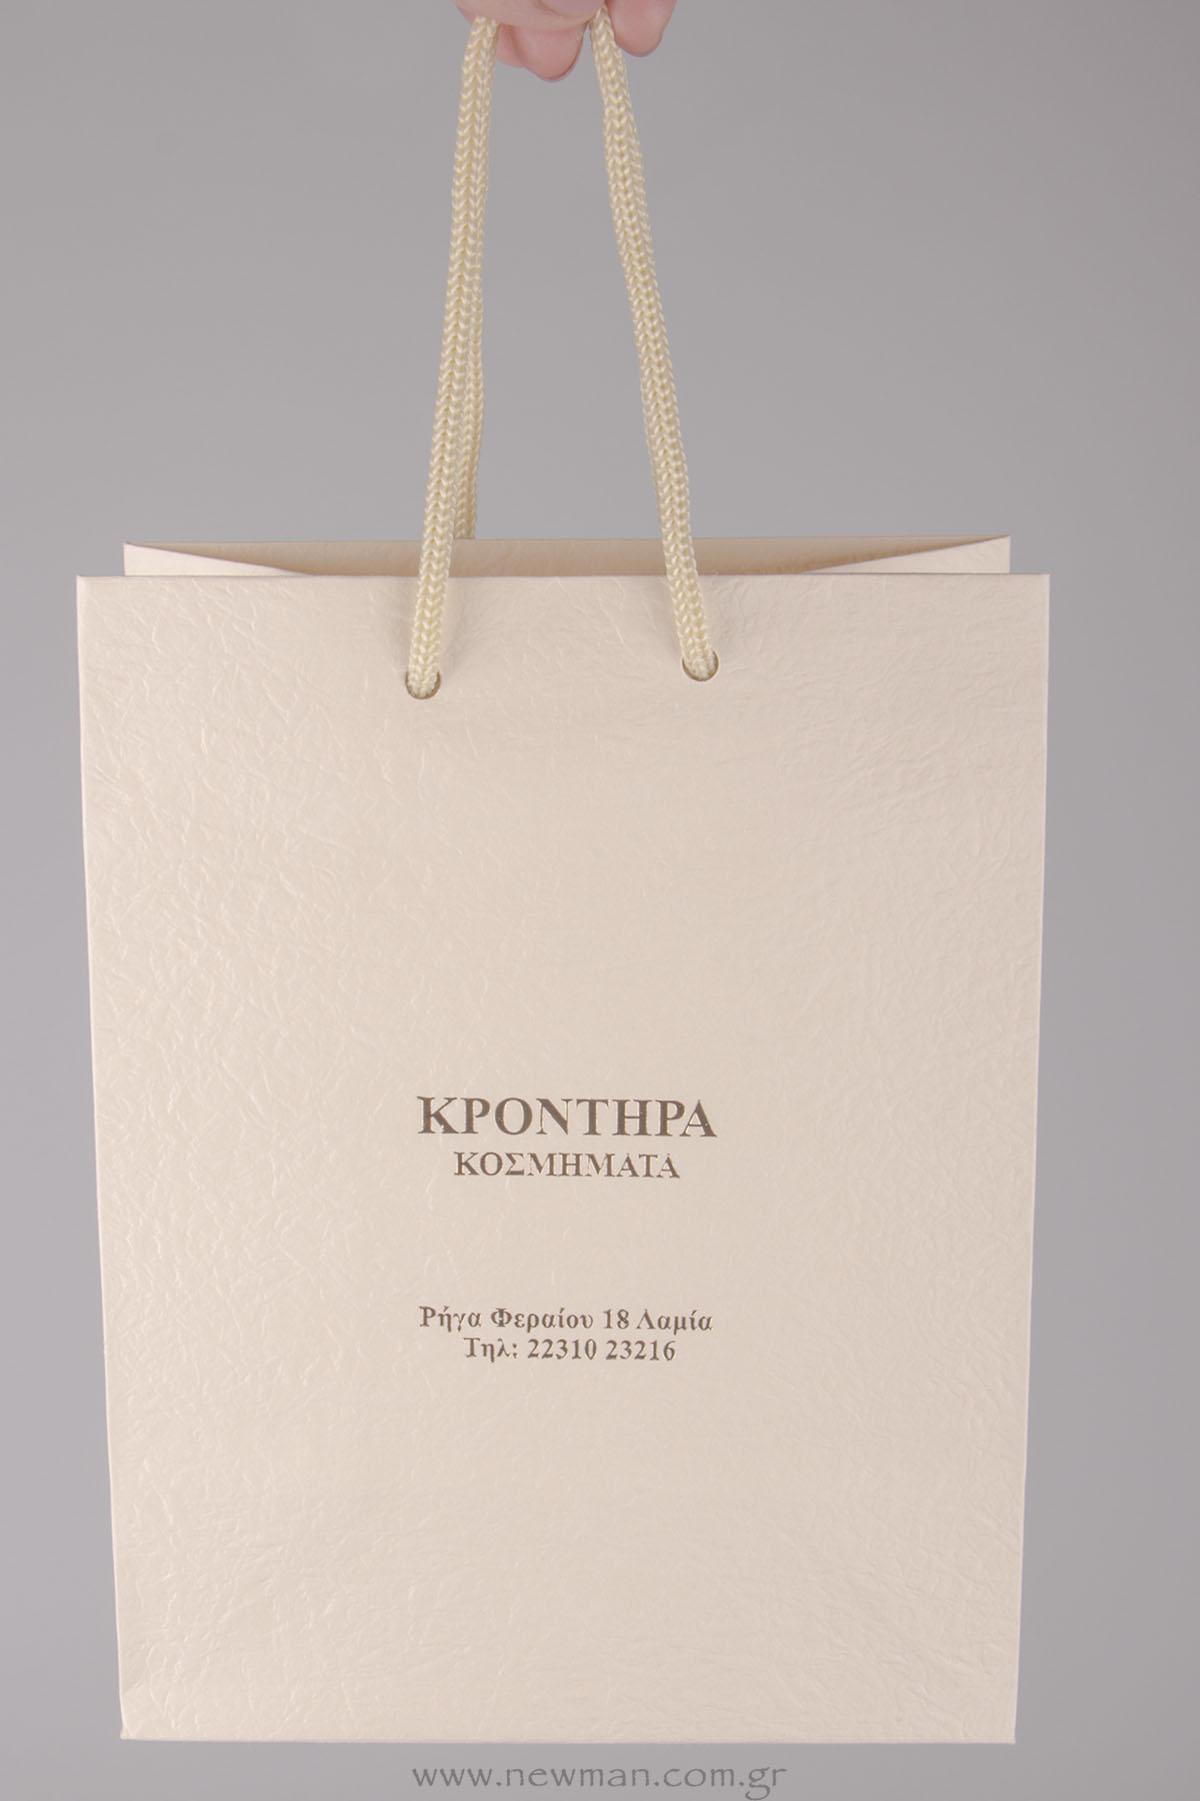 TLB ανάγλυφη τσάντα με χρυσή εκτύπωση